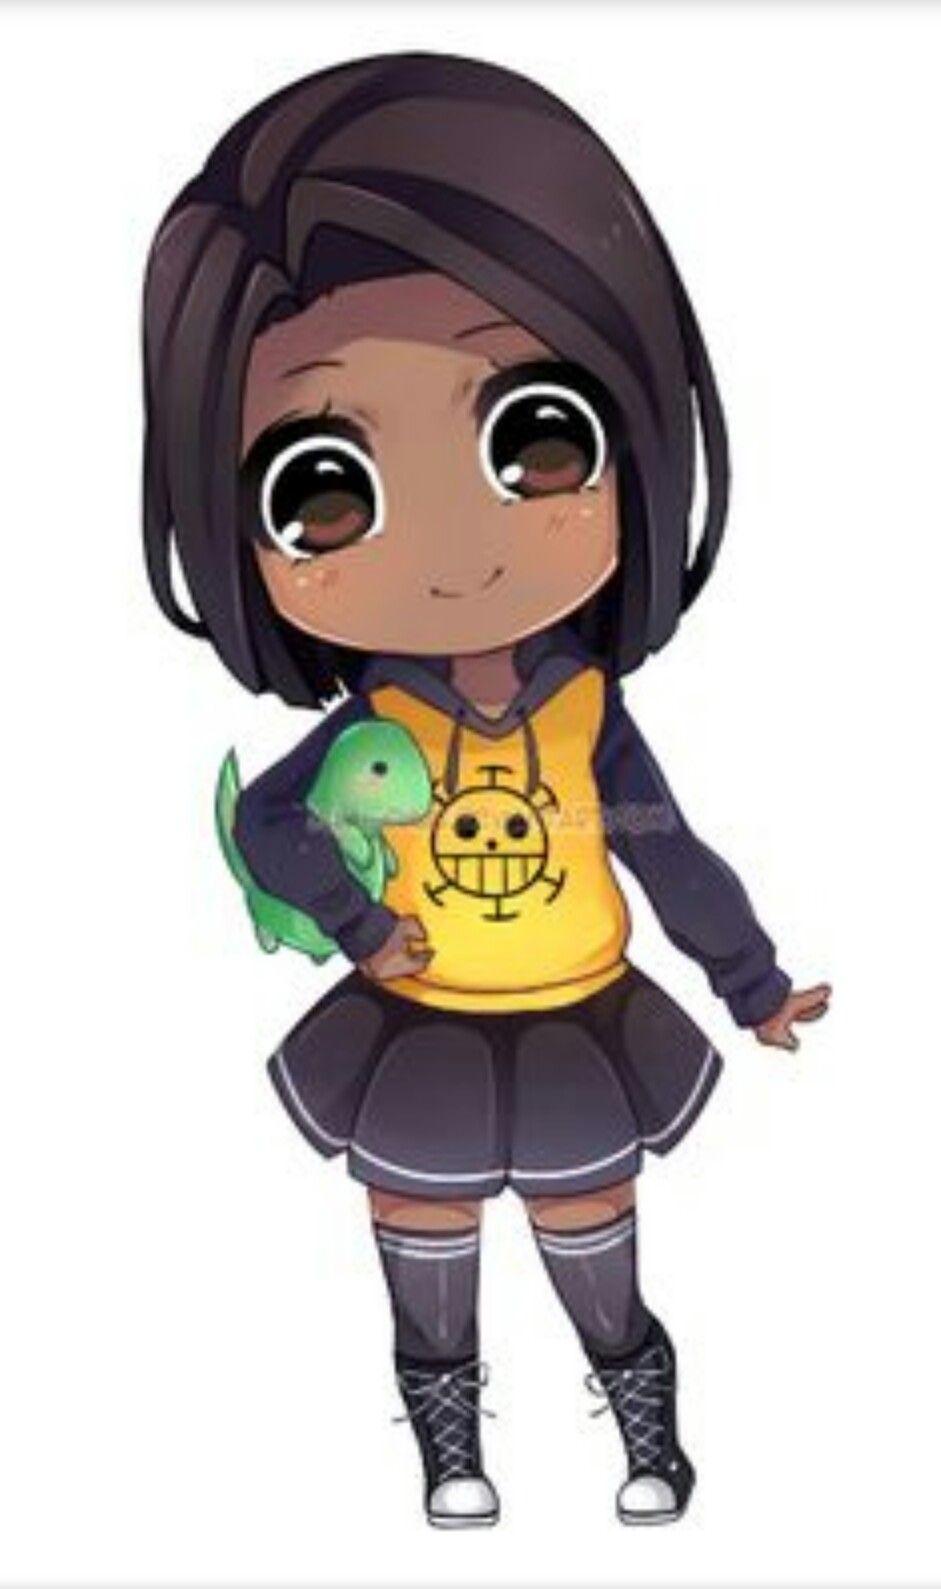 Image Result For Chibi Black Girl Cute Pinterest Chibi Anime